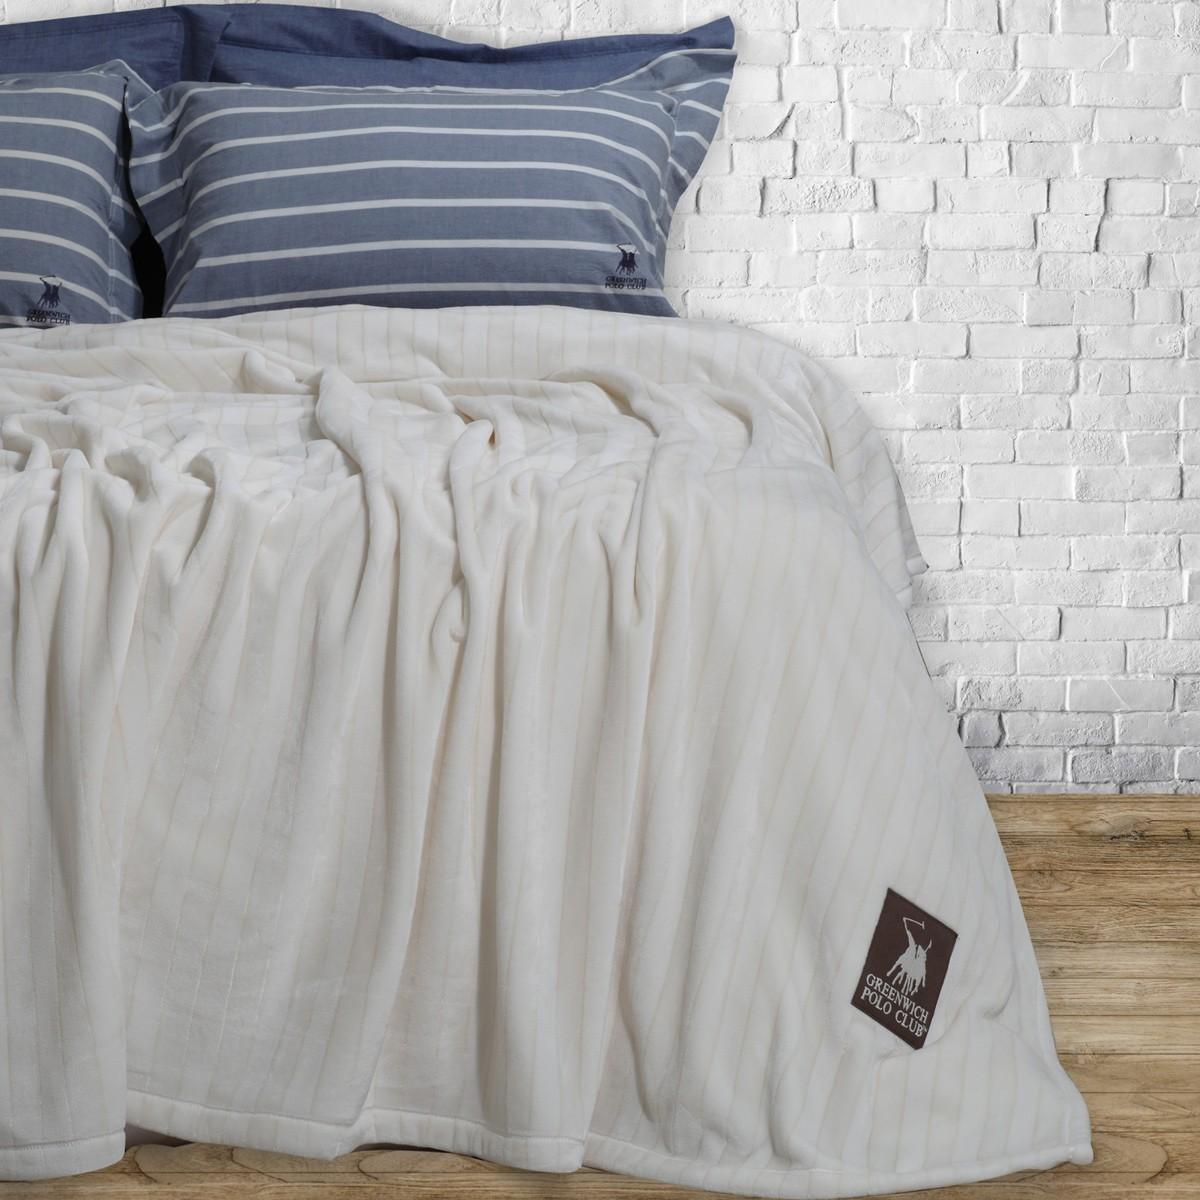 Κουβέρτα Fleece Υπέρδιπλη Polo Club Essential Blanket 2409